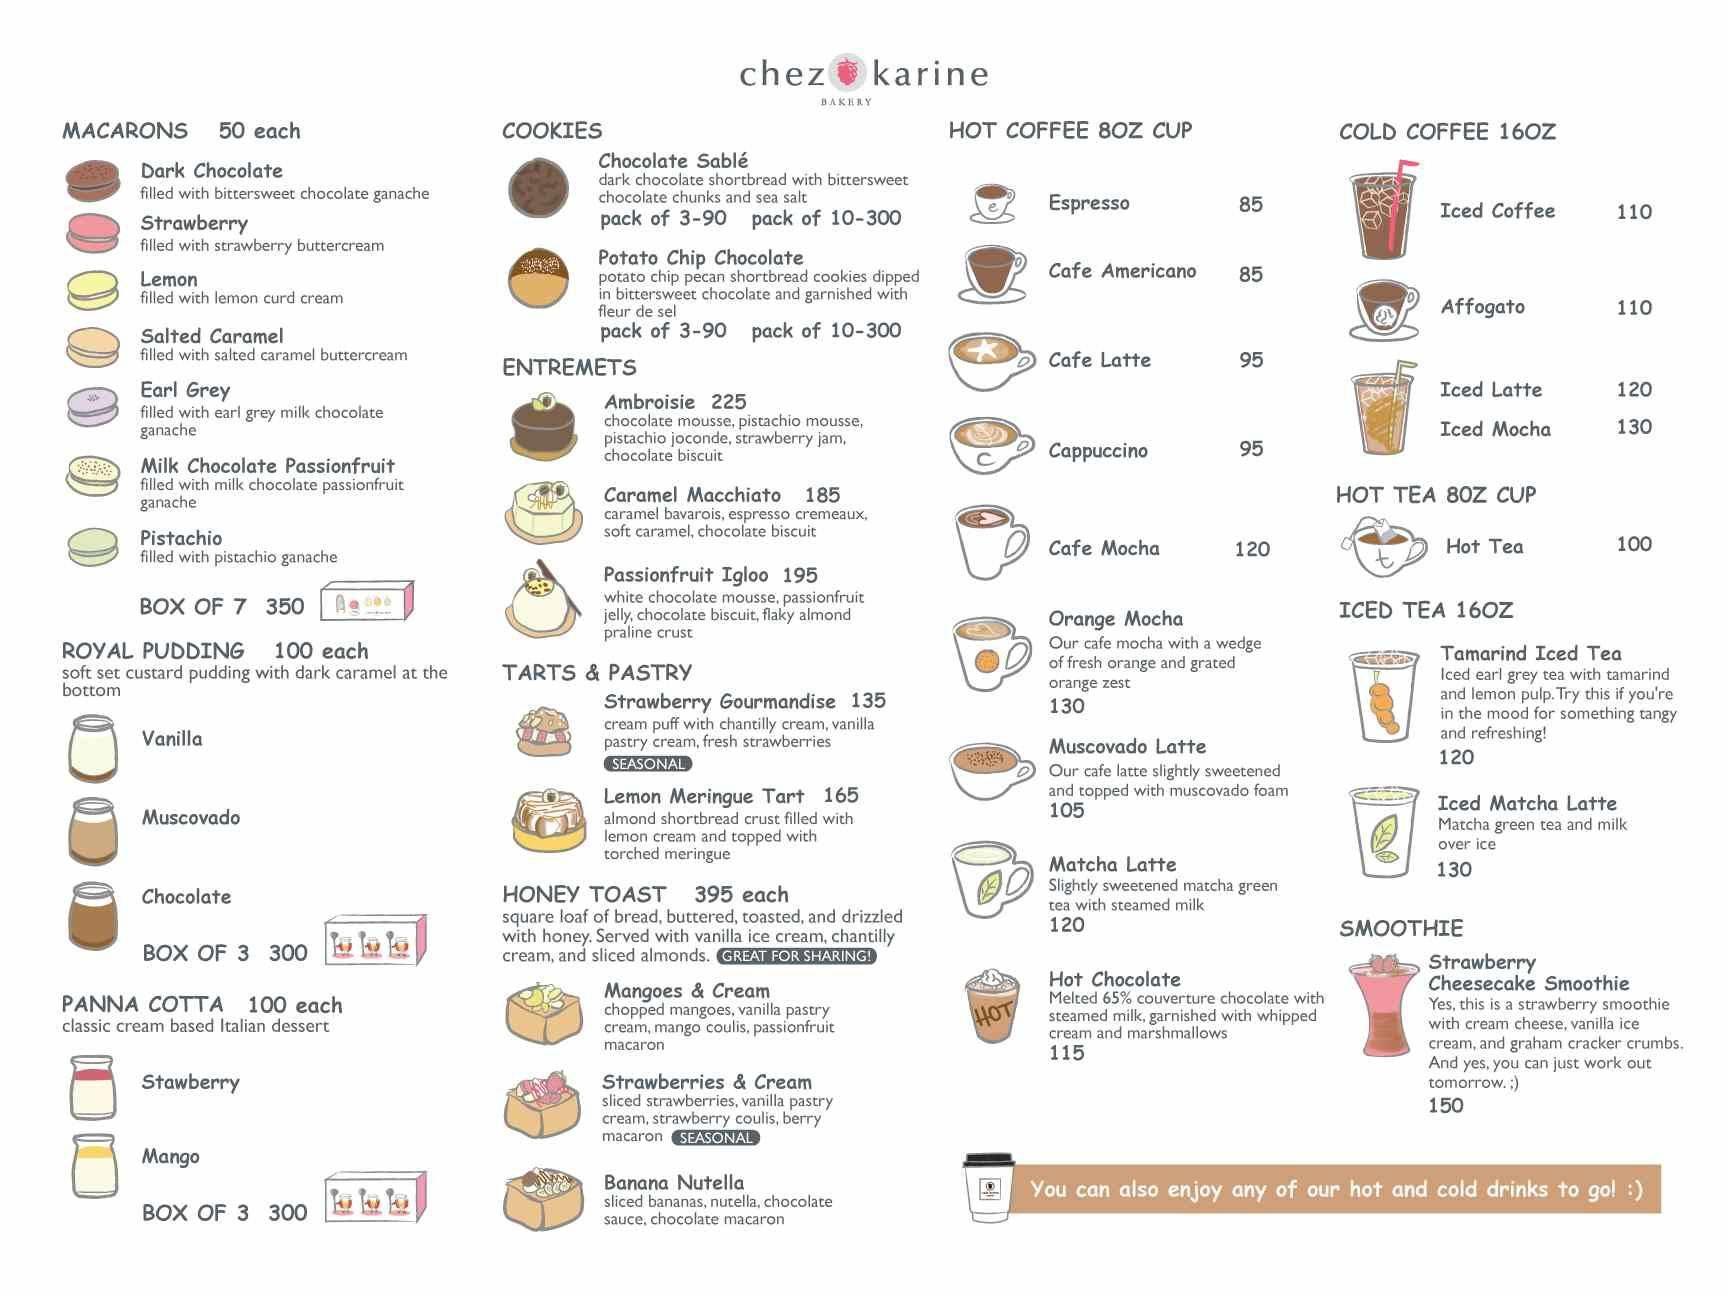 Айс капучино, рецепт кофе, как приготовить, отзывы, калорийность